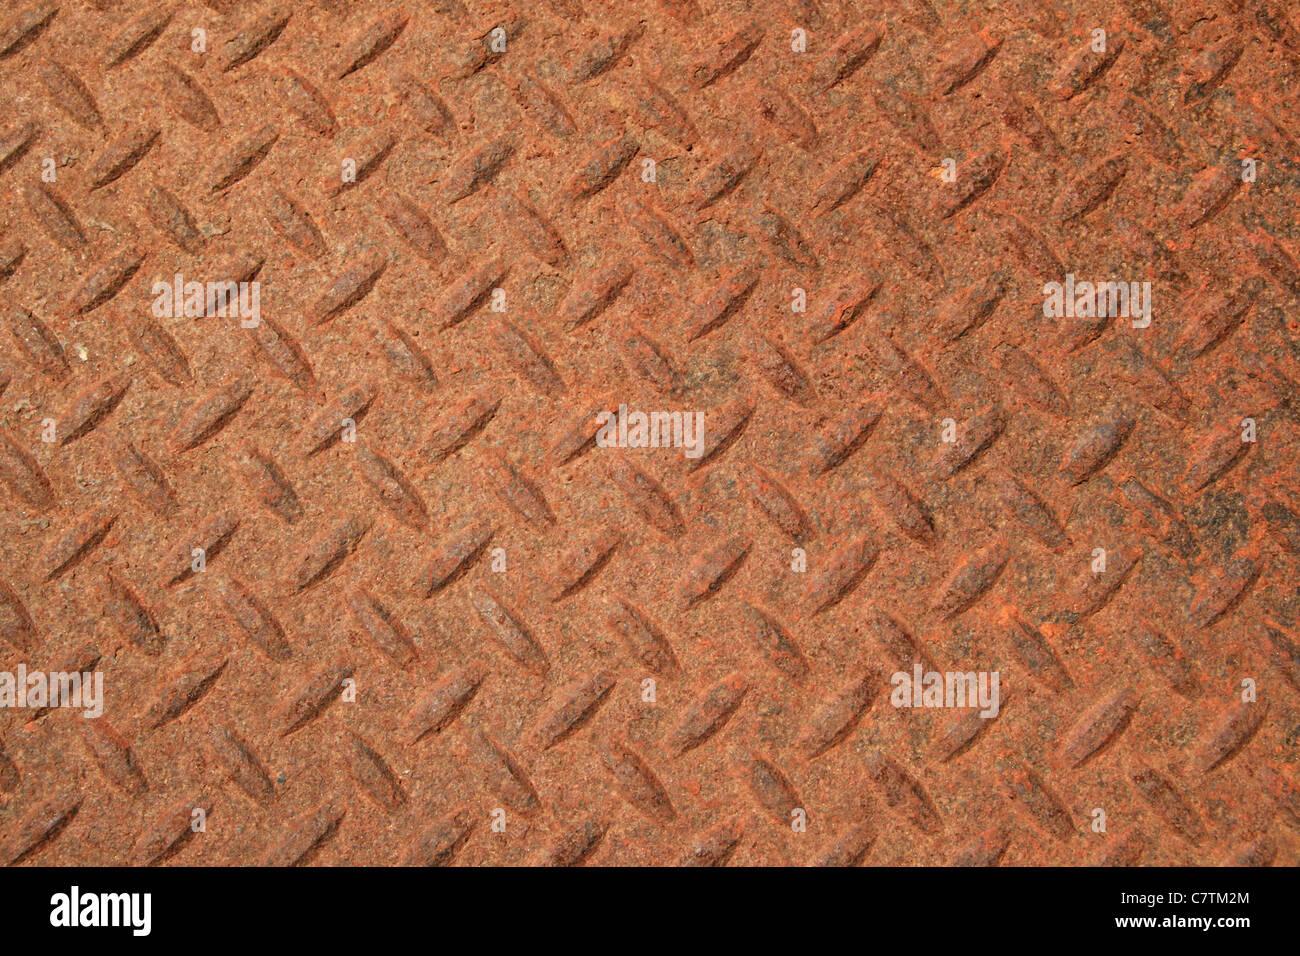 rostige strukturierte Stahlverkleidung mit erhöhten Rautenmuster Stockbild